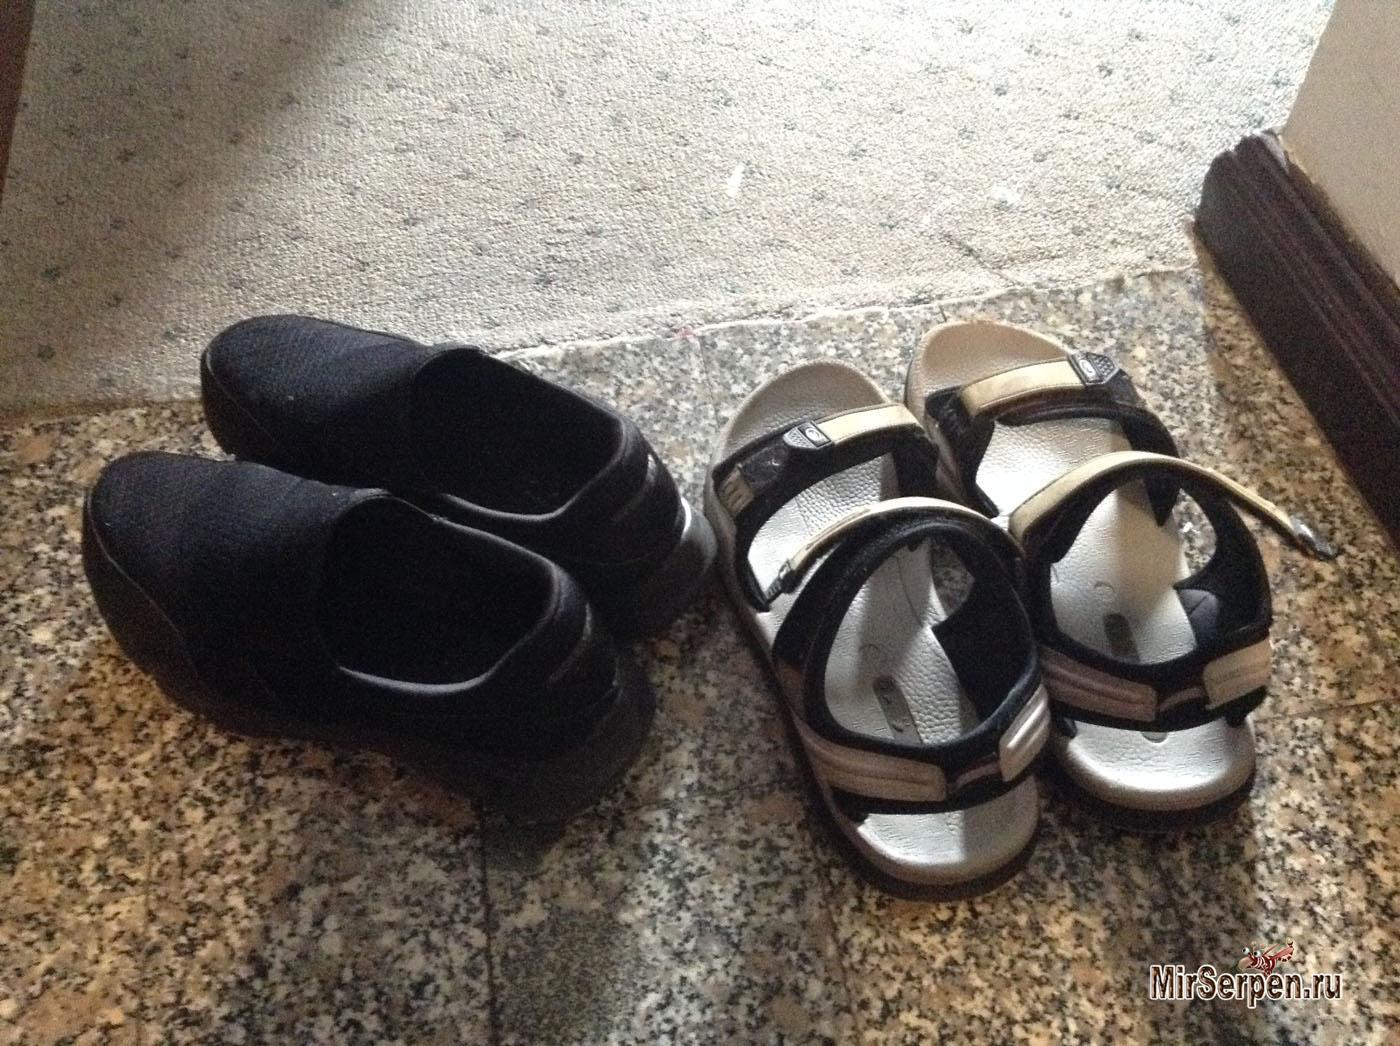 Мои впечатления от обуви Skechers со стелькой Memory Foam